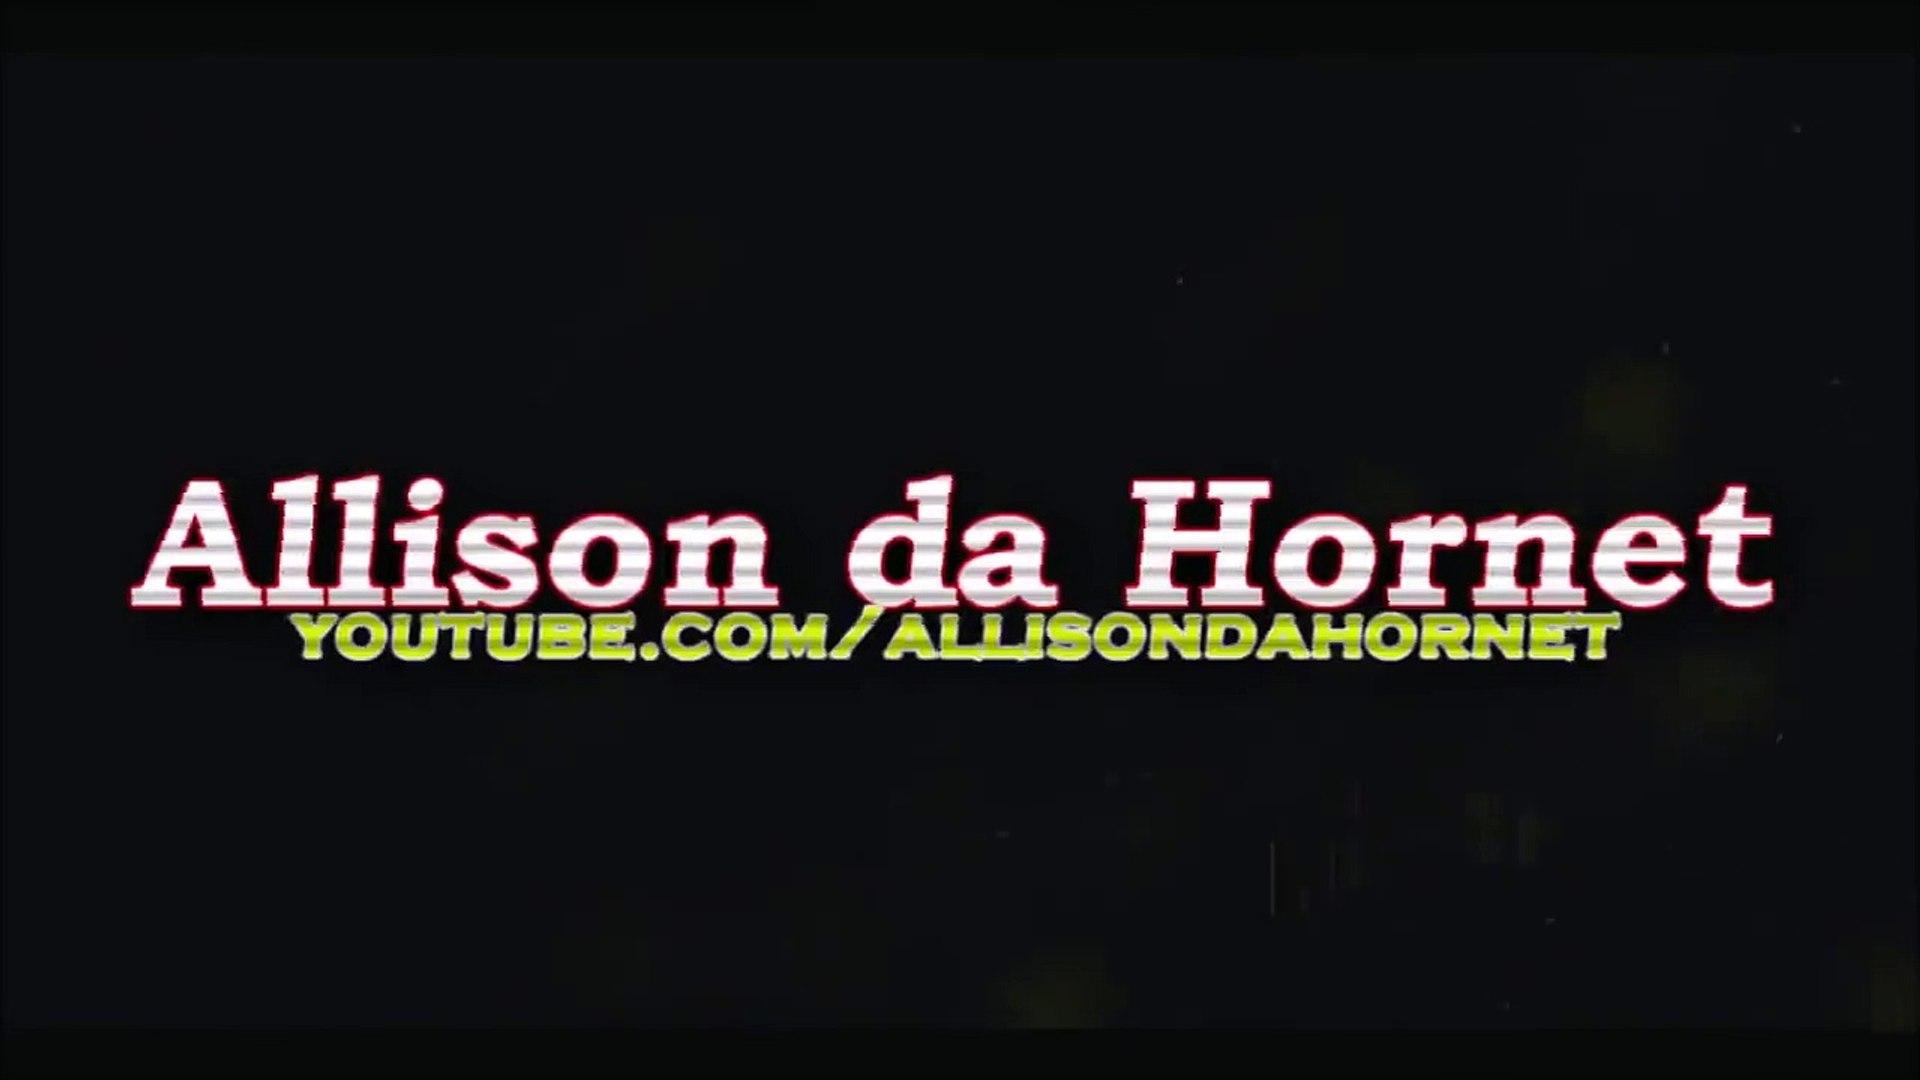 ALLISON DA HORNET - CG FAN 150 MAIS UM POUCO DA MINHA ROTINA